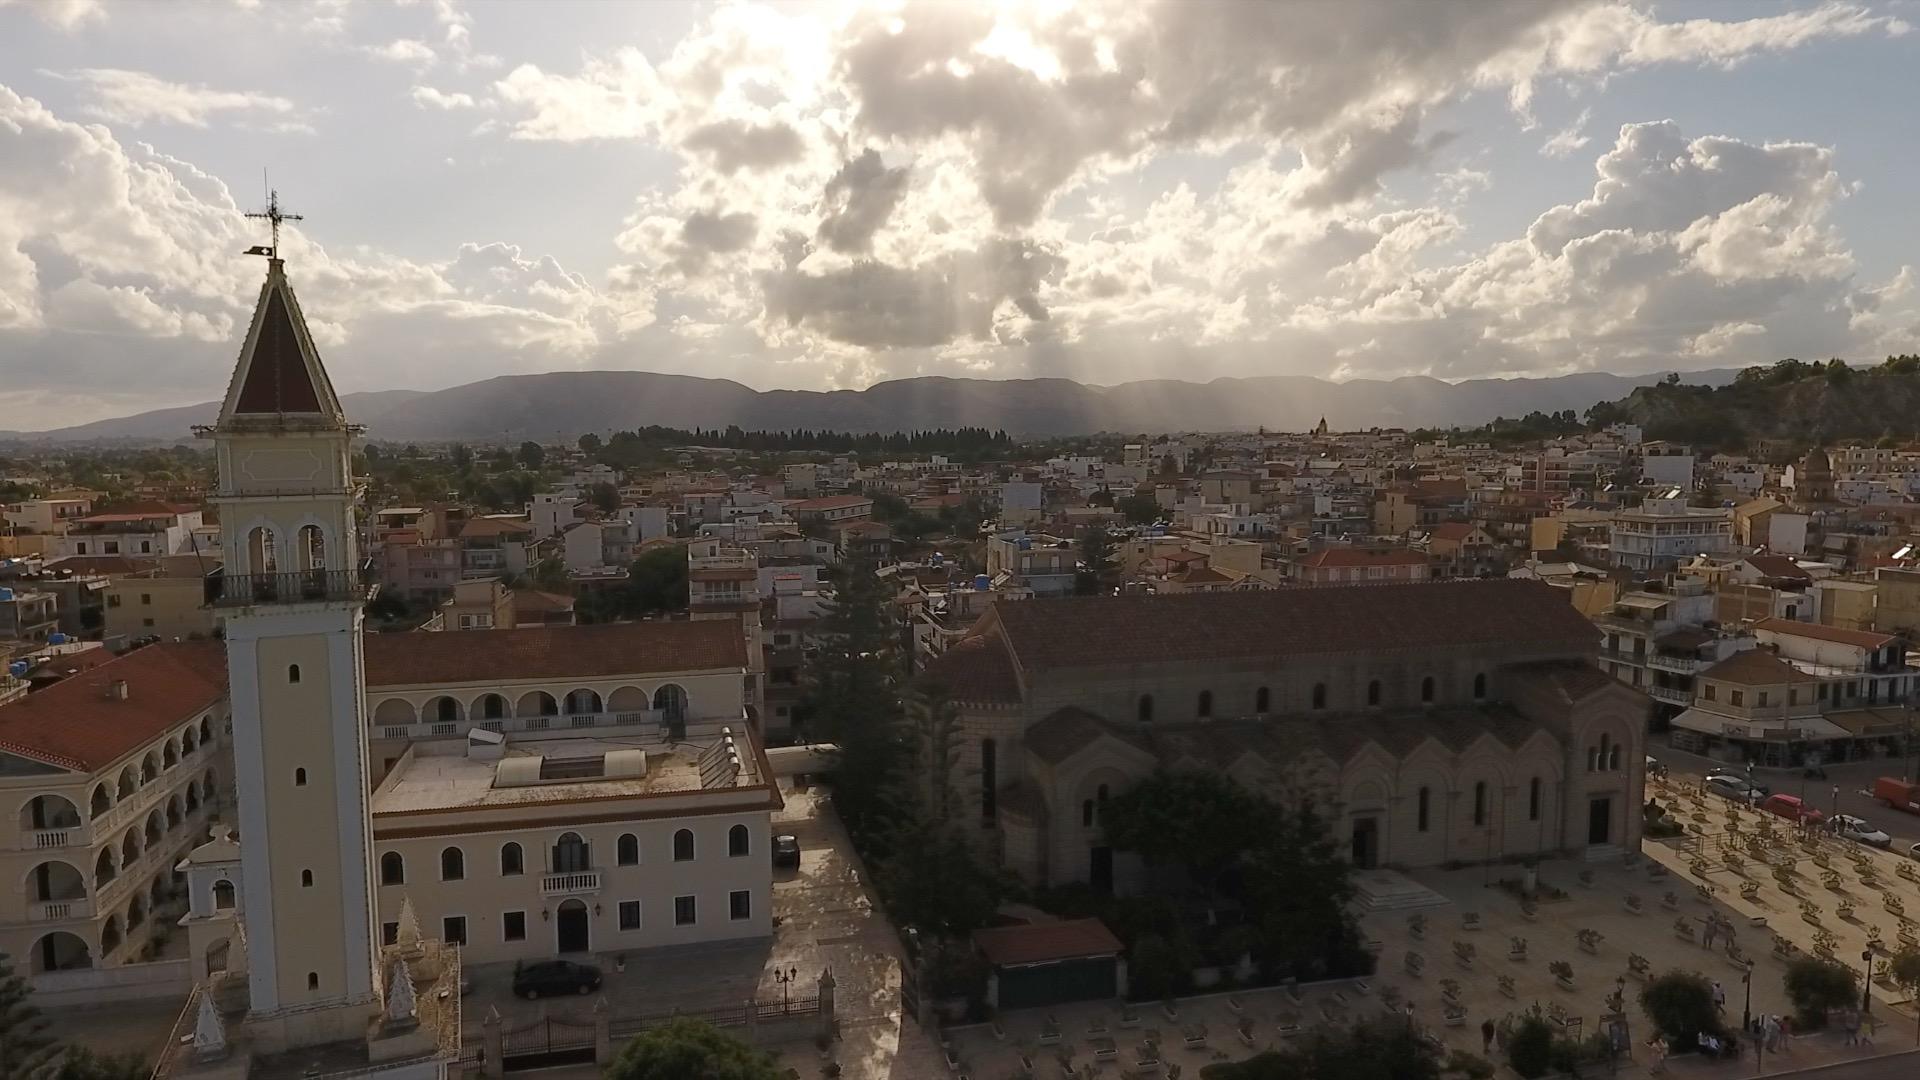 Ιερά Μονή Αγίου Διονυσίου, Ζάκυνθος